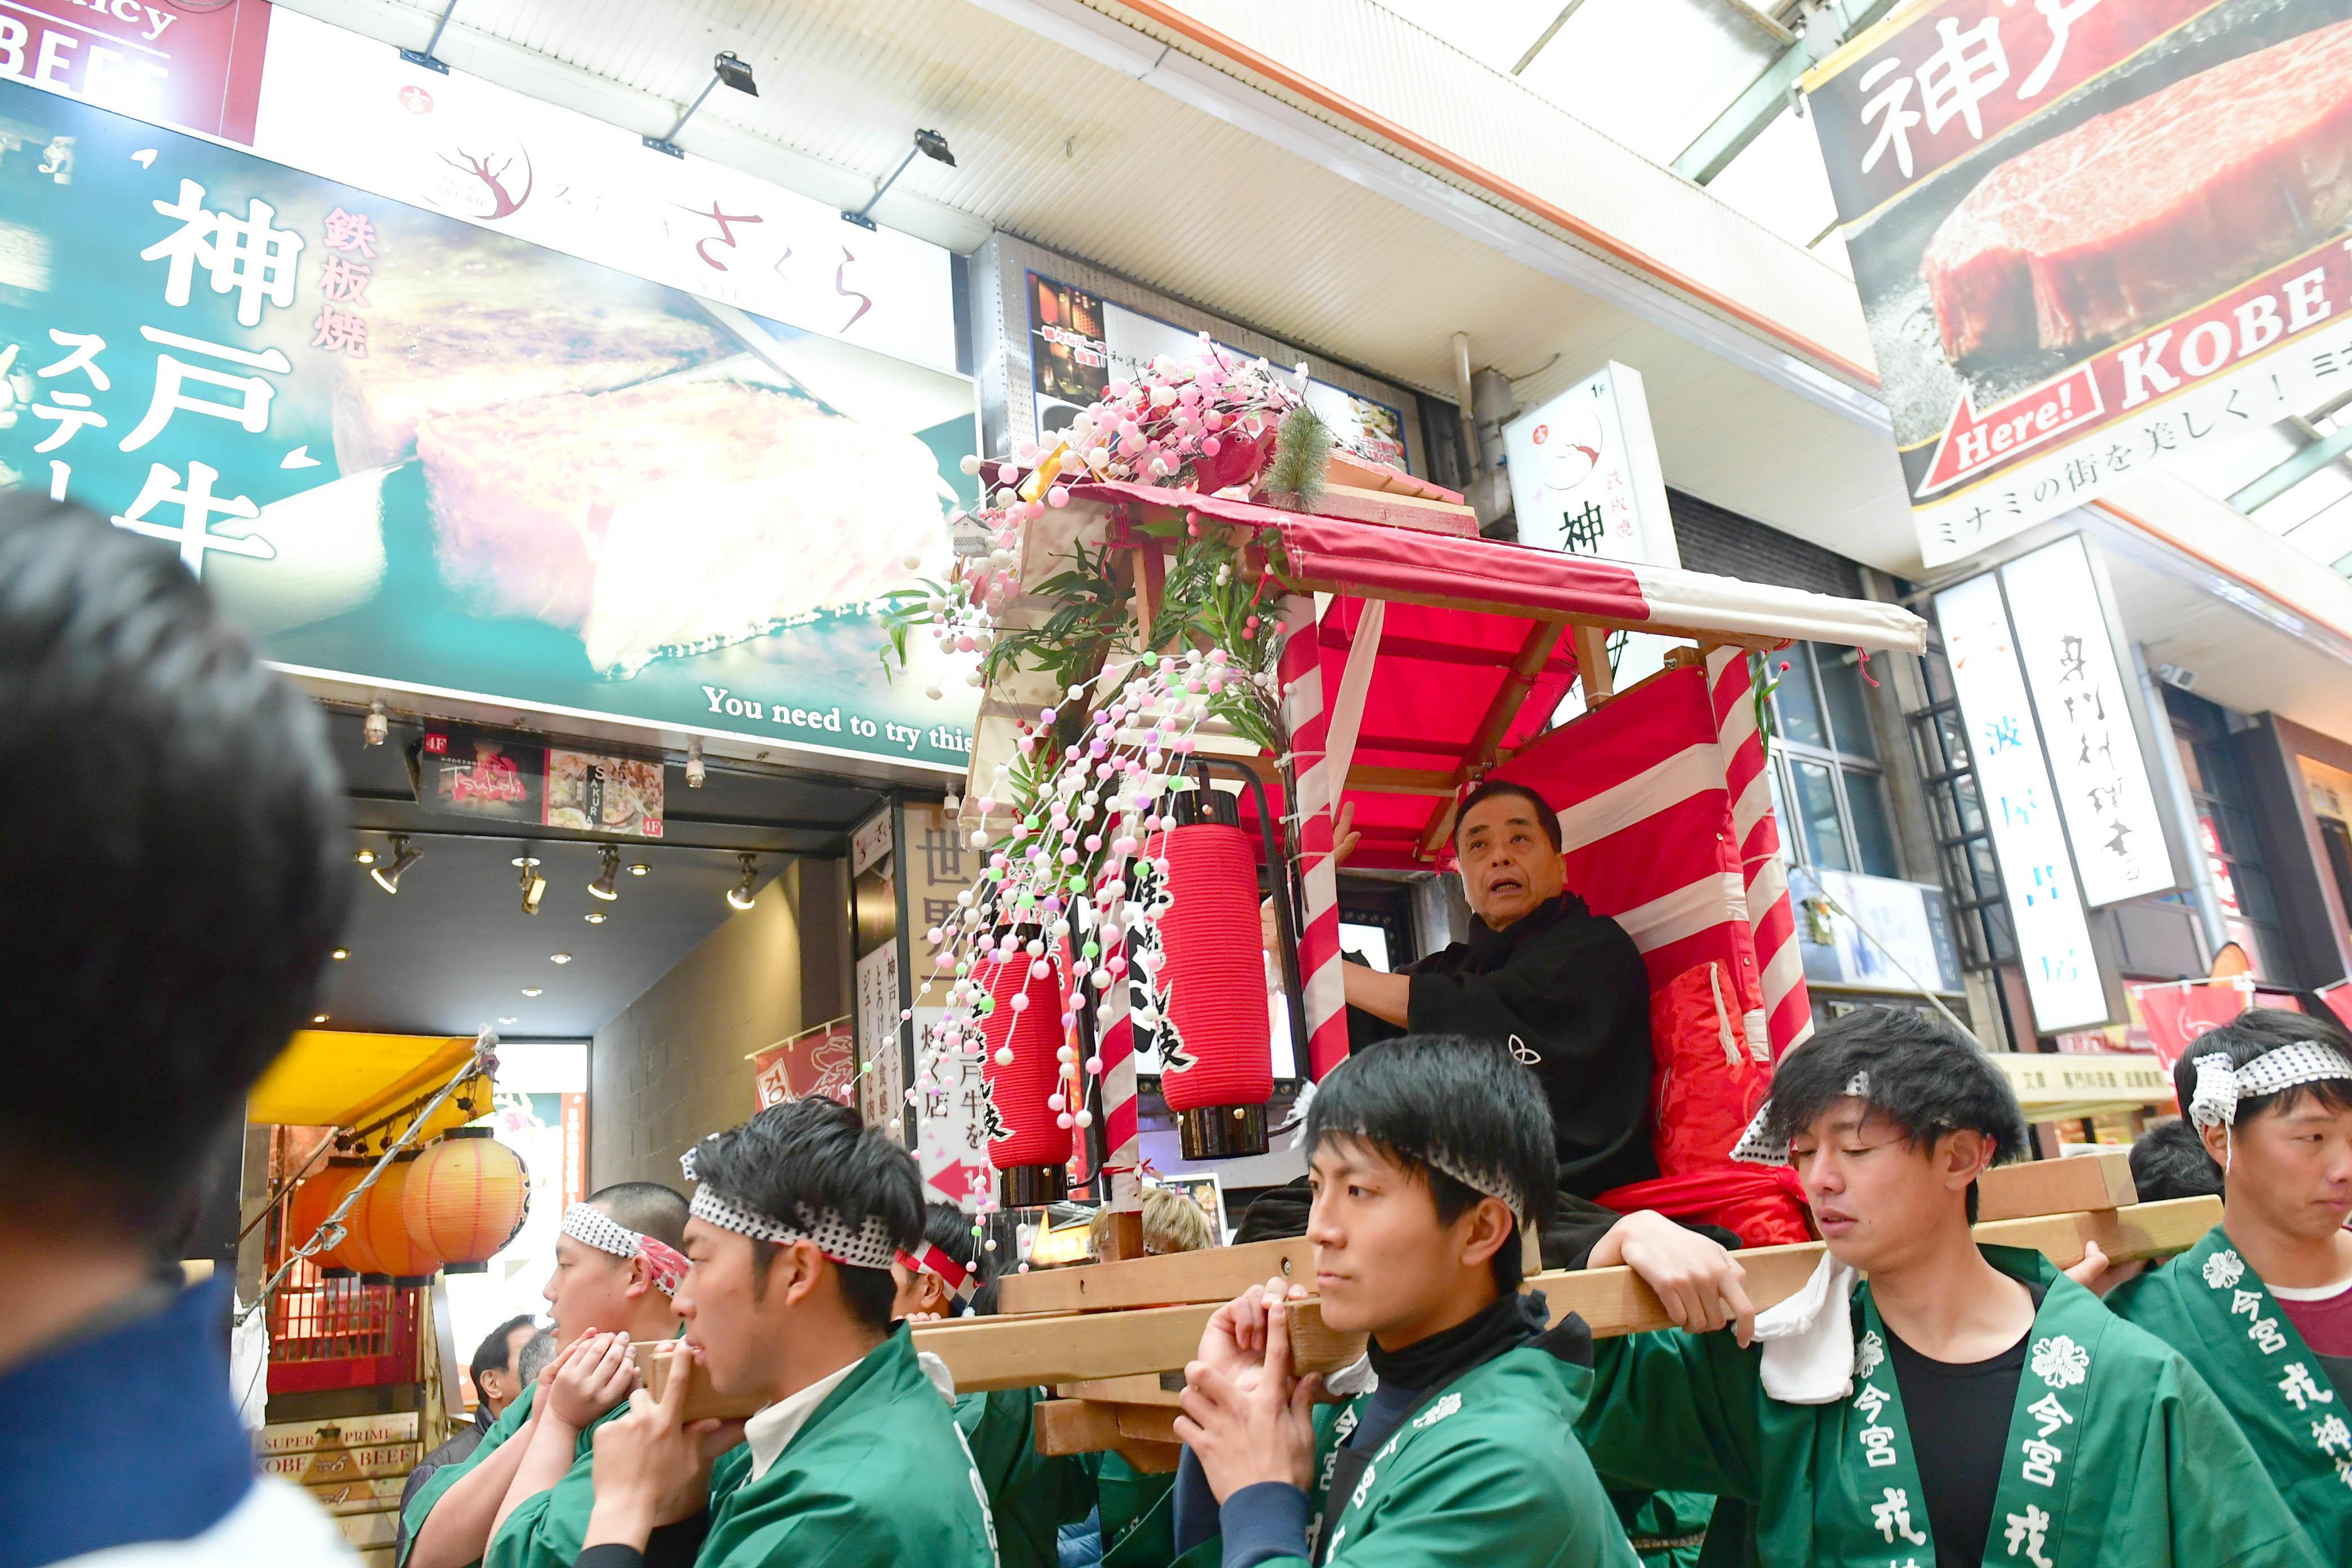 http://news.yoshimoto.co.jp/20190110200039-559a184f01017f54e412bae8c712f57f2d29e2be.jpg